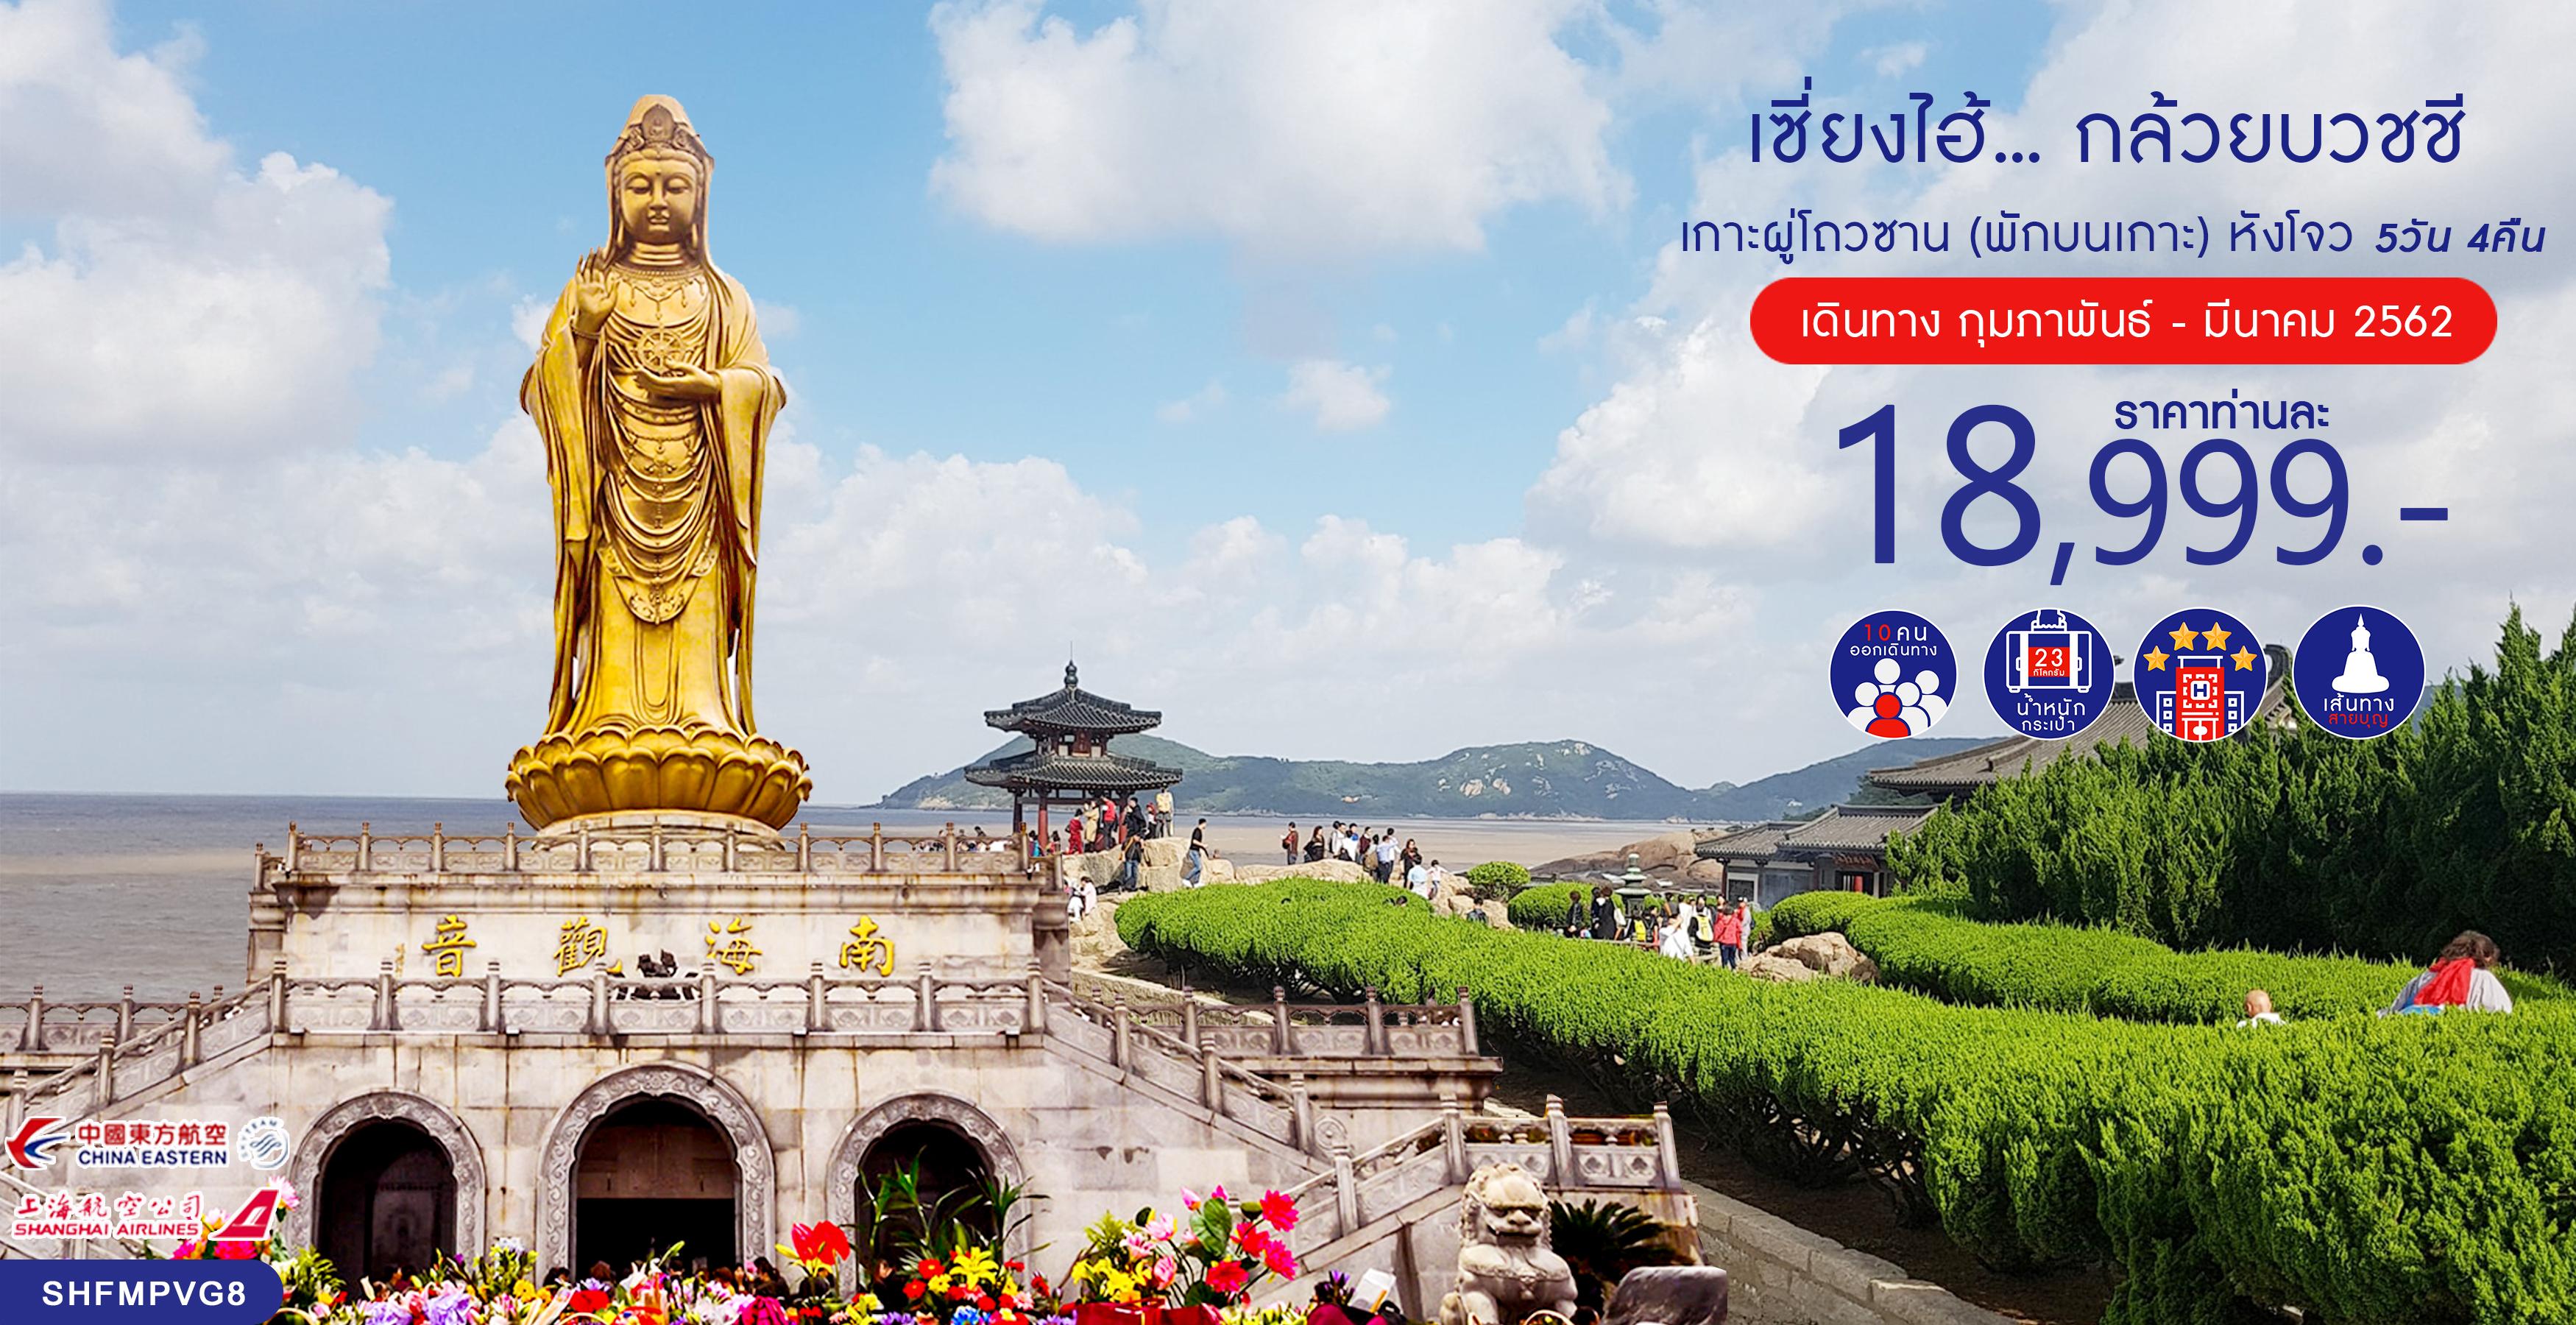 ทัวร์จีน ทัวร์เซี่ยงไฮ้...กล้วยบวชชี เกาะผู่โถวซาน (พักบนเกาะ) หังโจว 5 วัน 4 คืน (FM/MU)